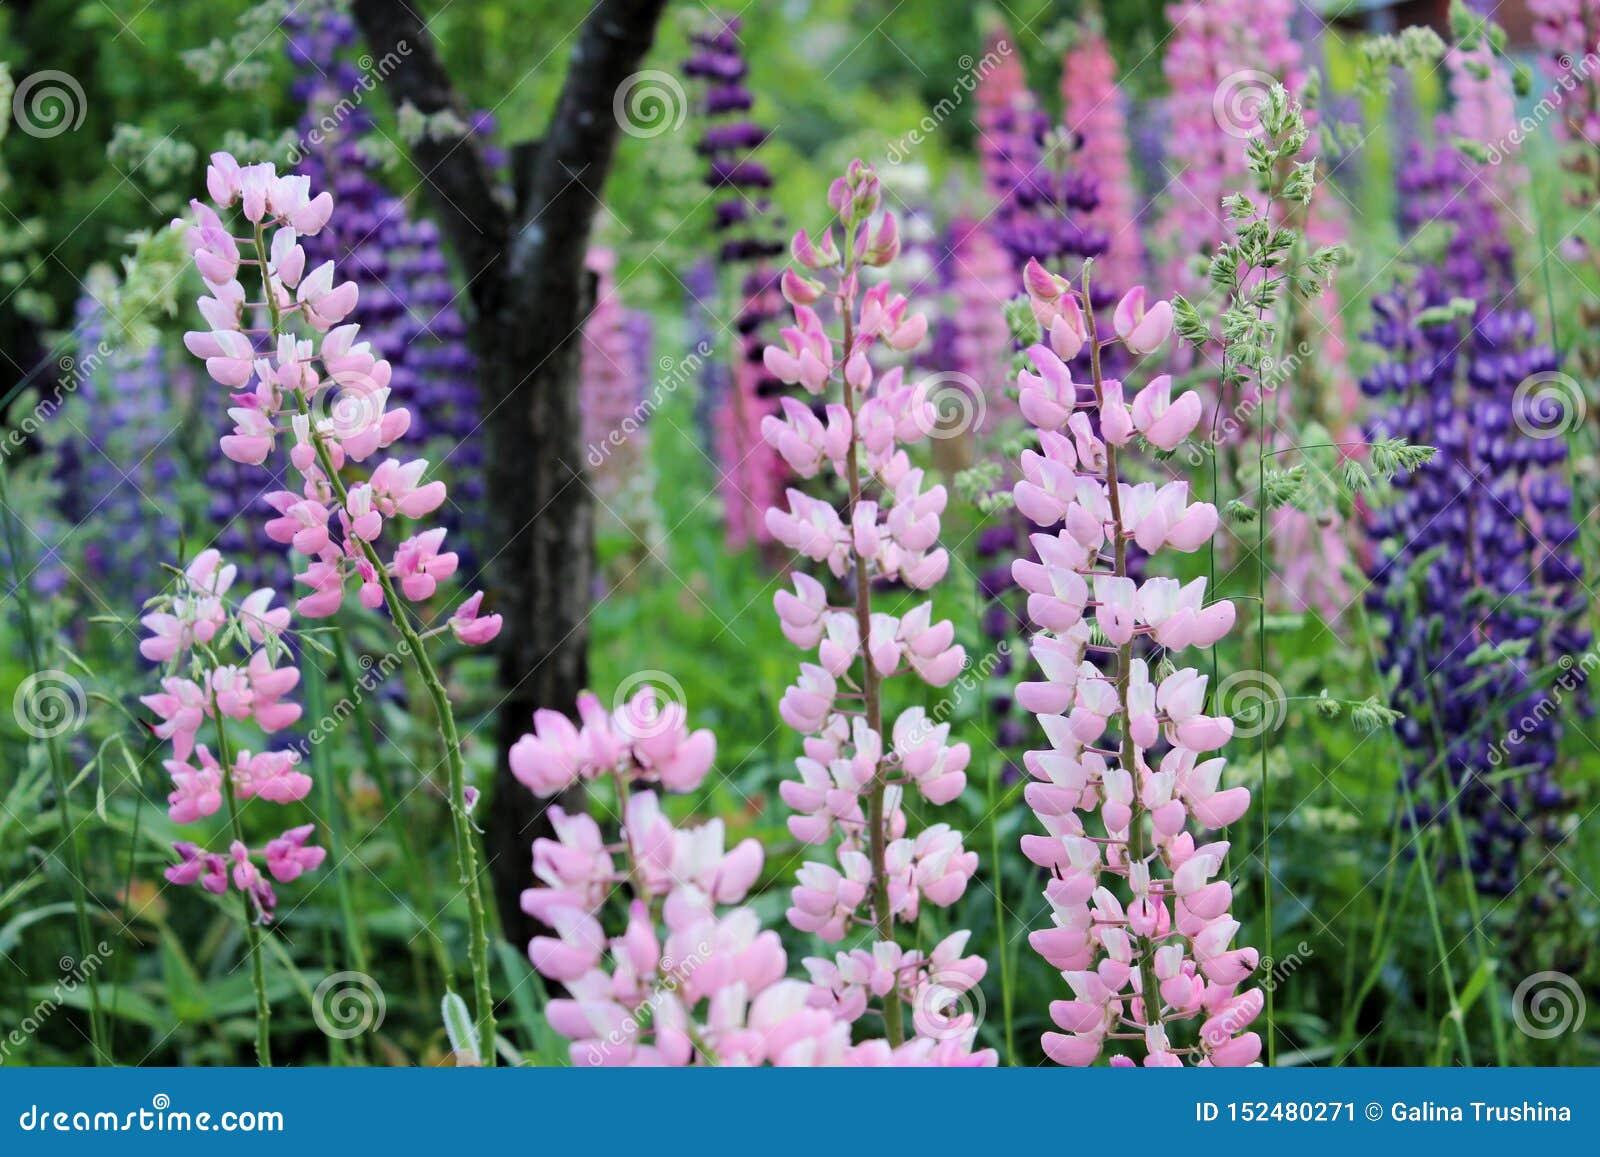 Lupins lilas et roses dans le jardin en été